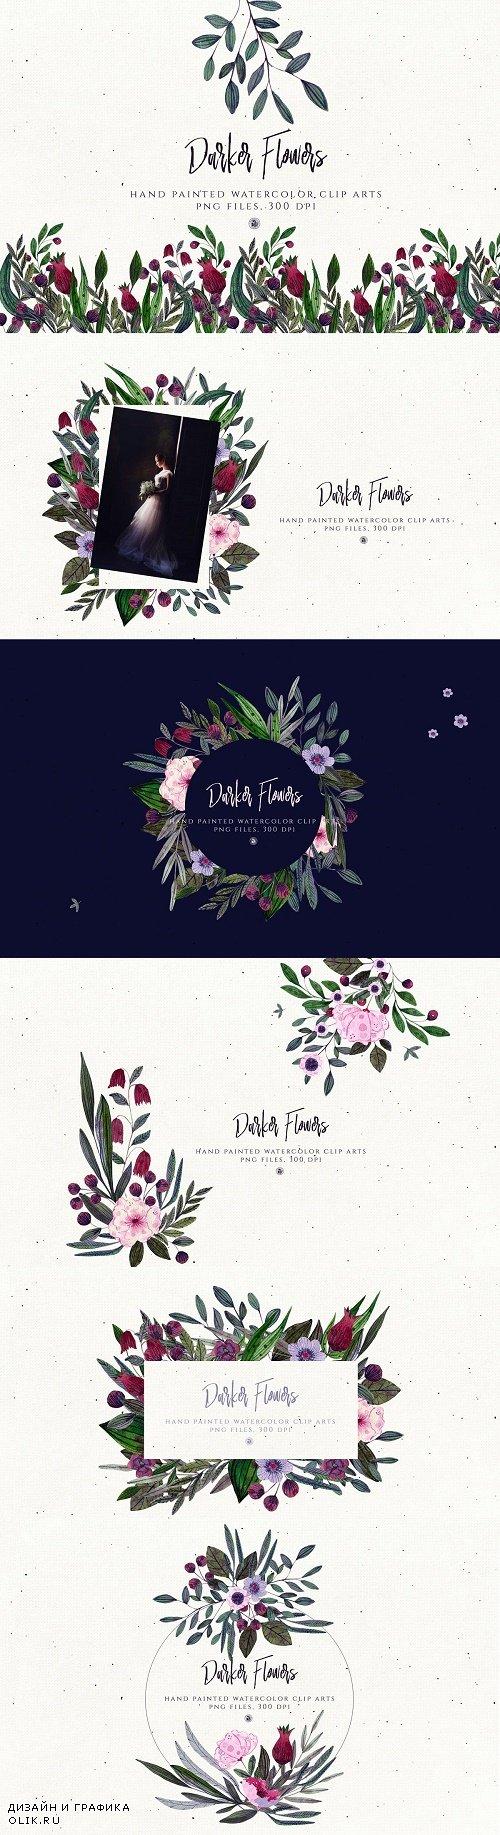 Darker Flowers - 4292413